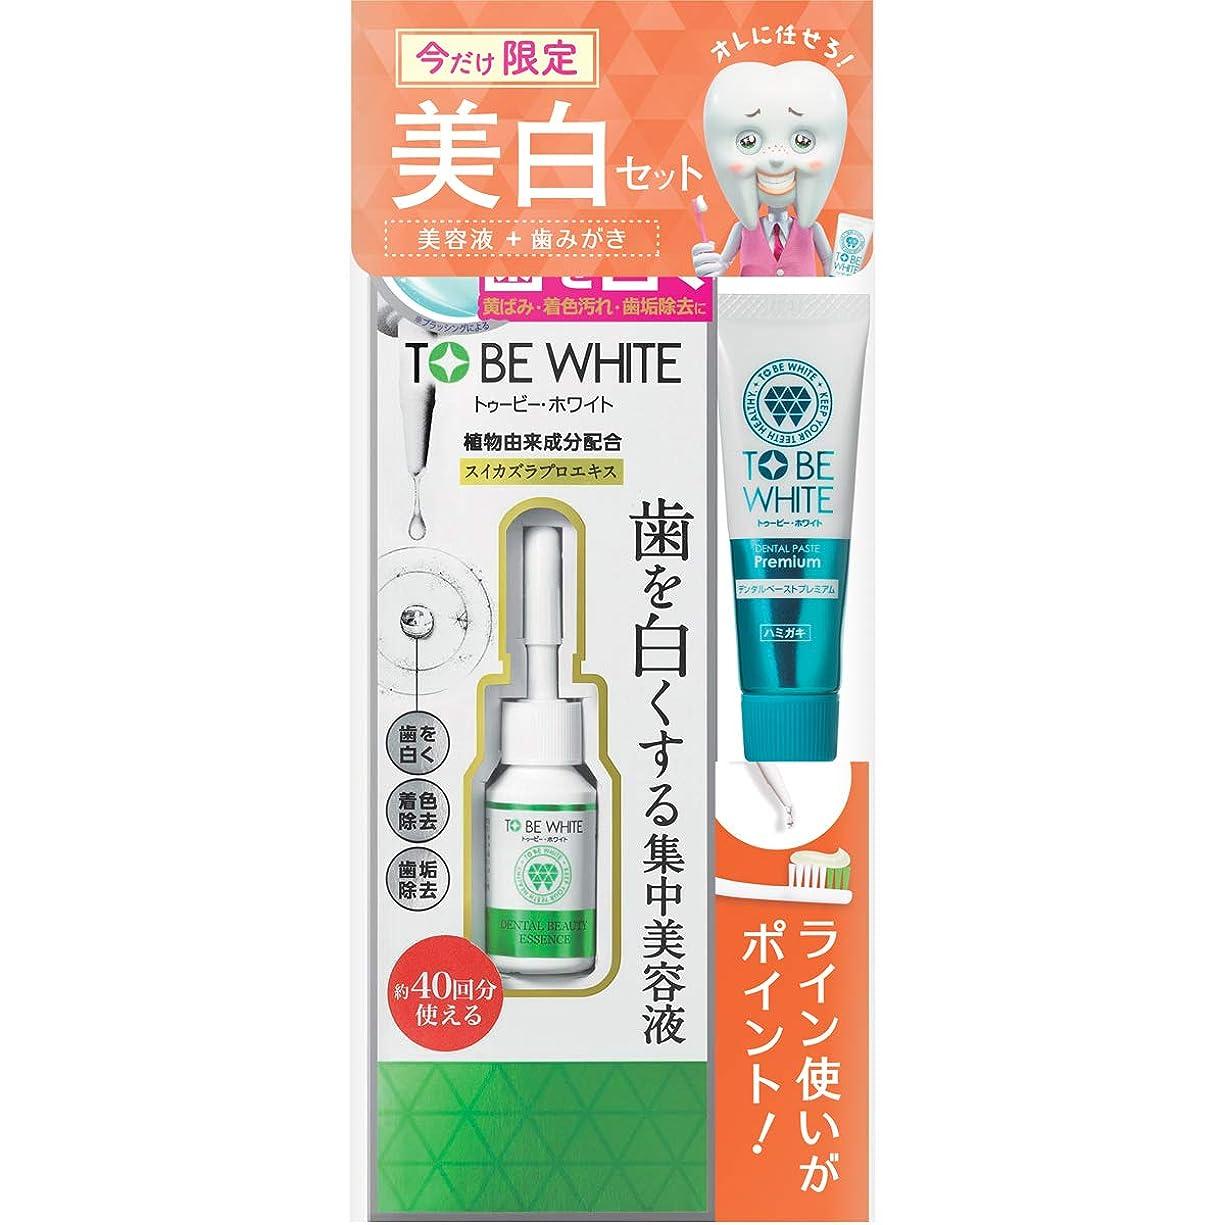 アーティファクトパッケージ精神TO BE WHITE(トゥービー?ホワイト) トゥービー?ホワイト デンタルビューティーエッセンス 7ml ミニペースト20g付き セット